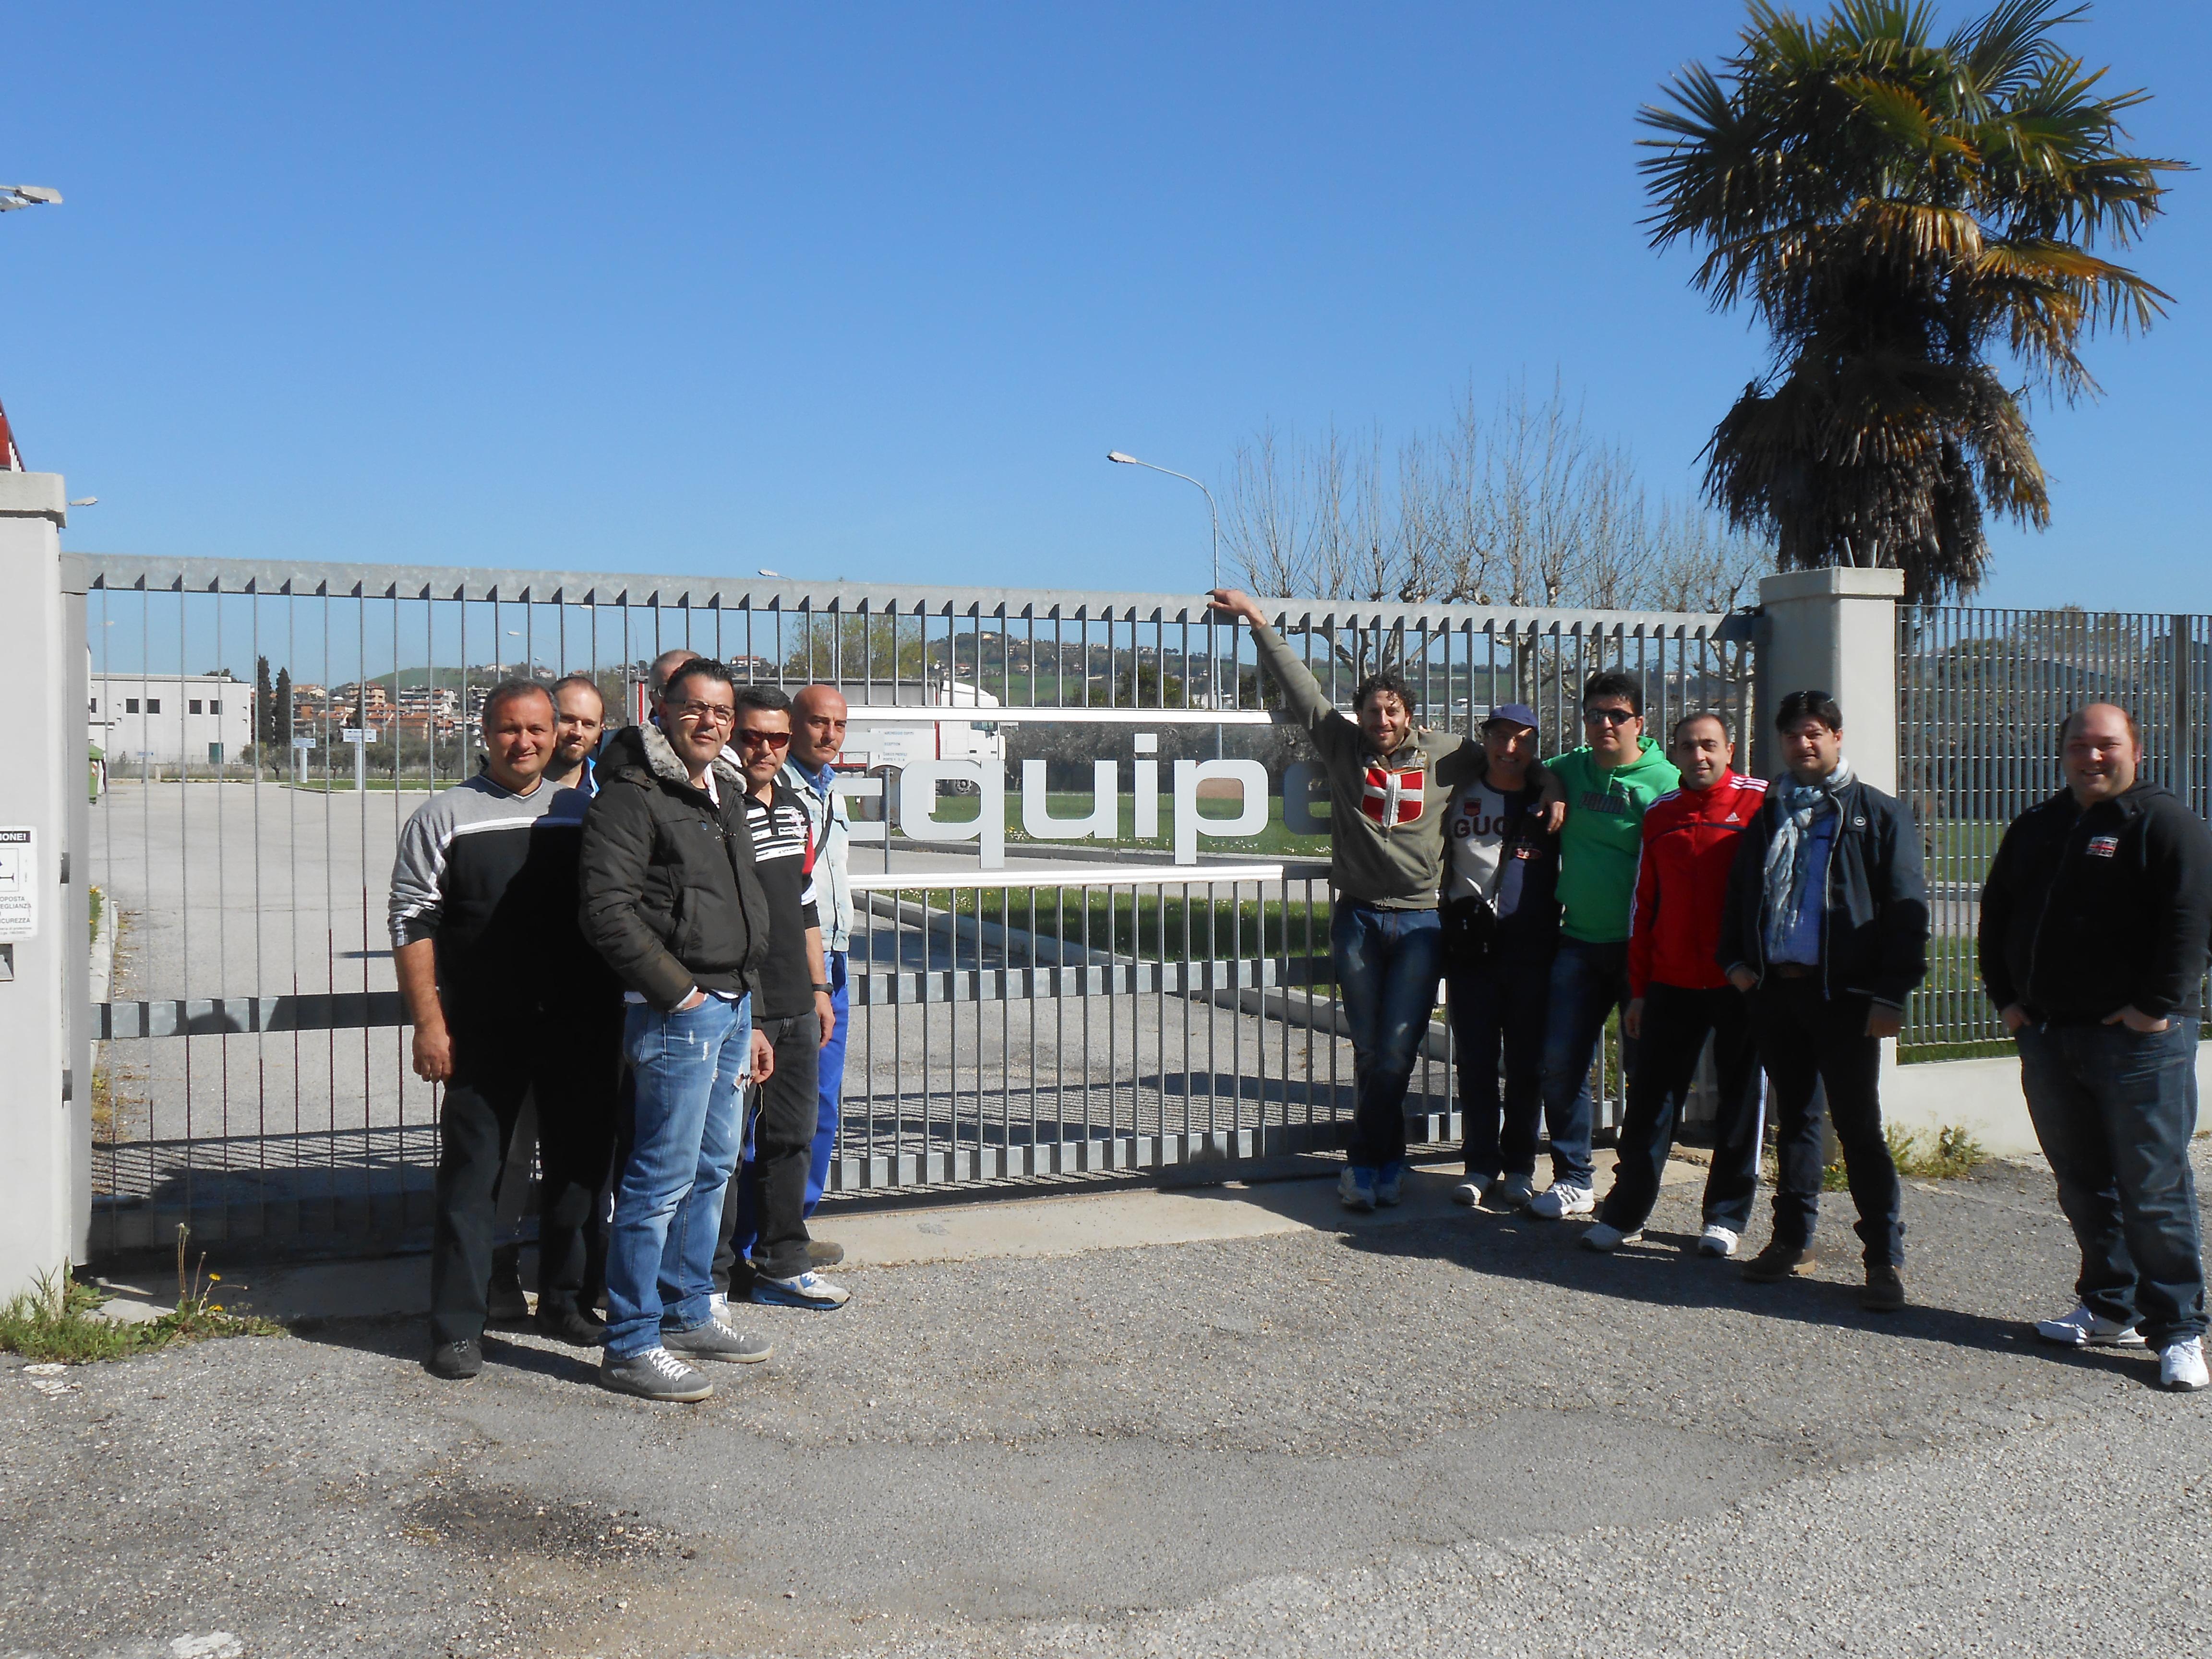 Gli operai dell'Equipe fuori dai cancelli